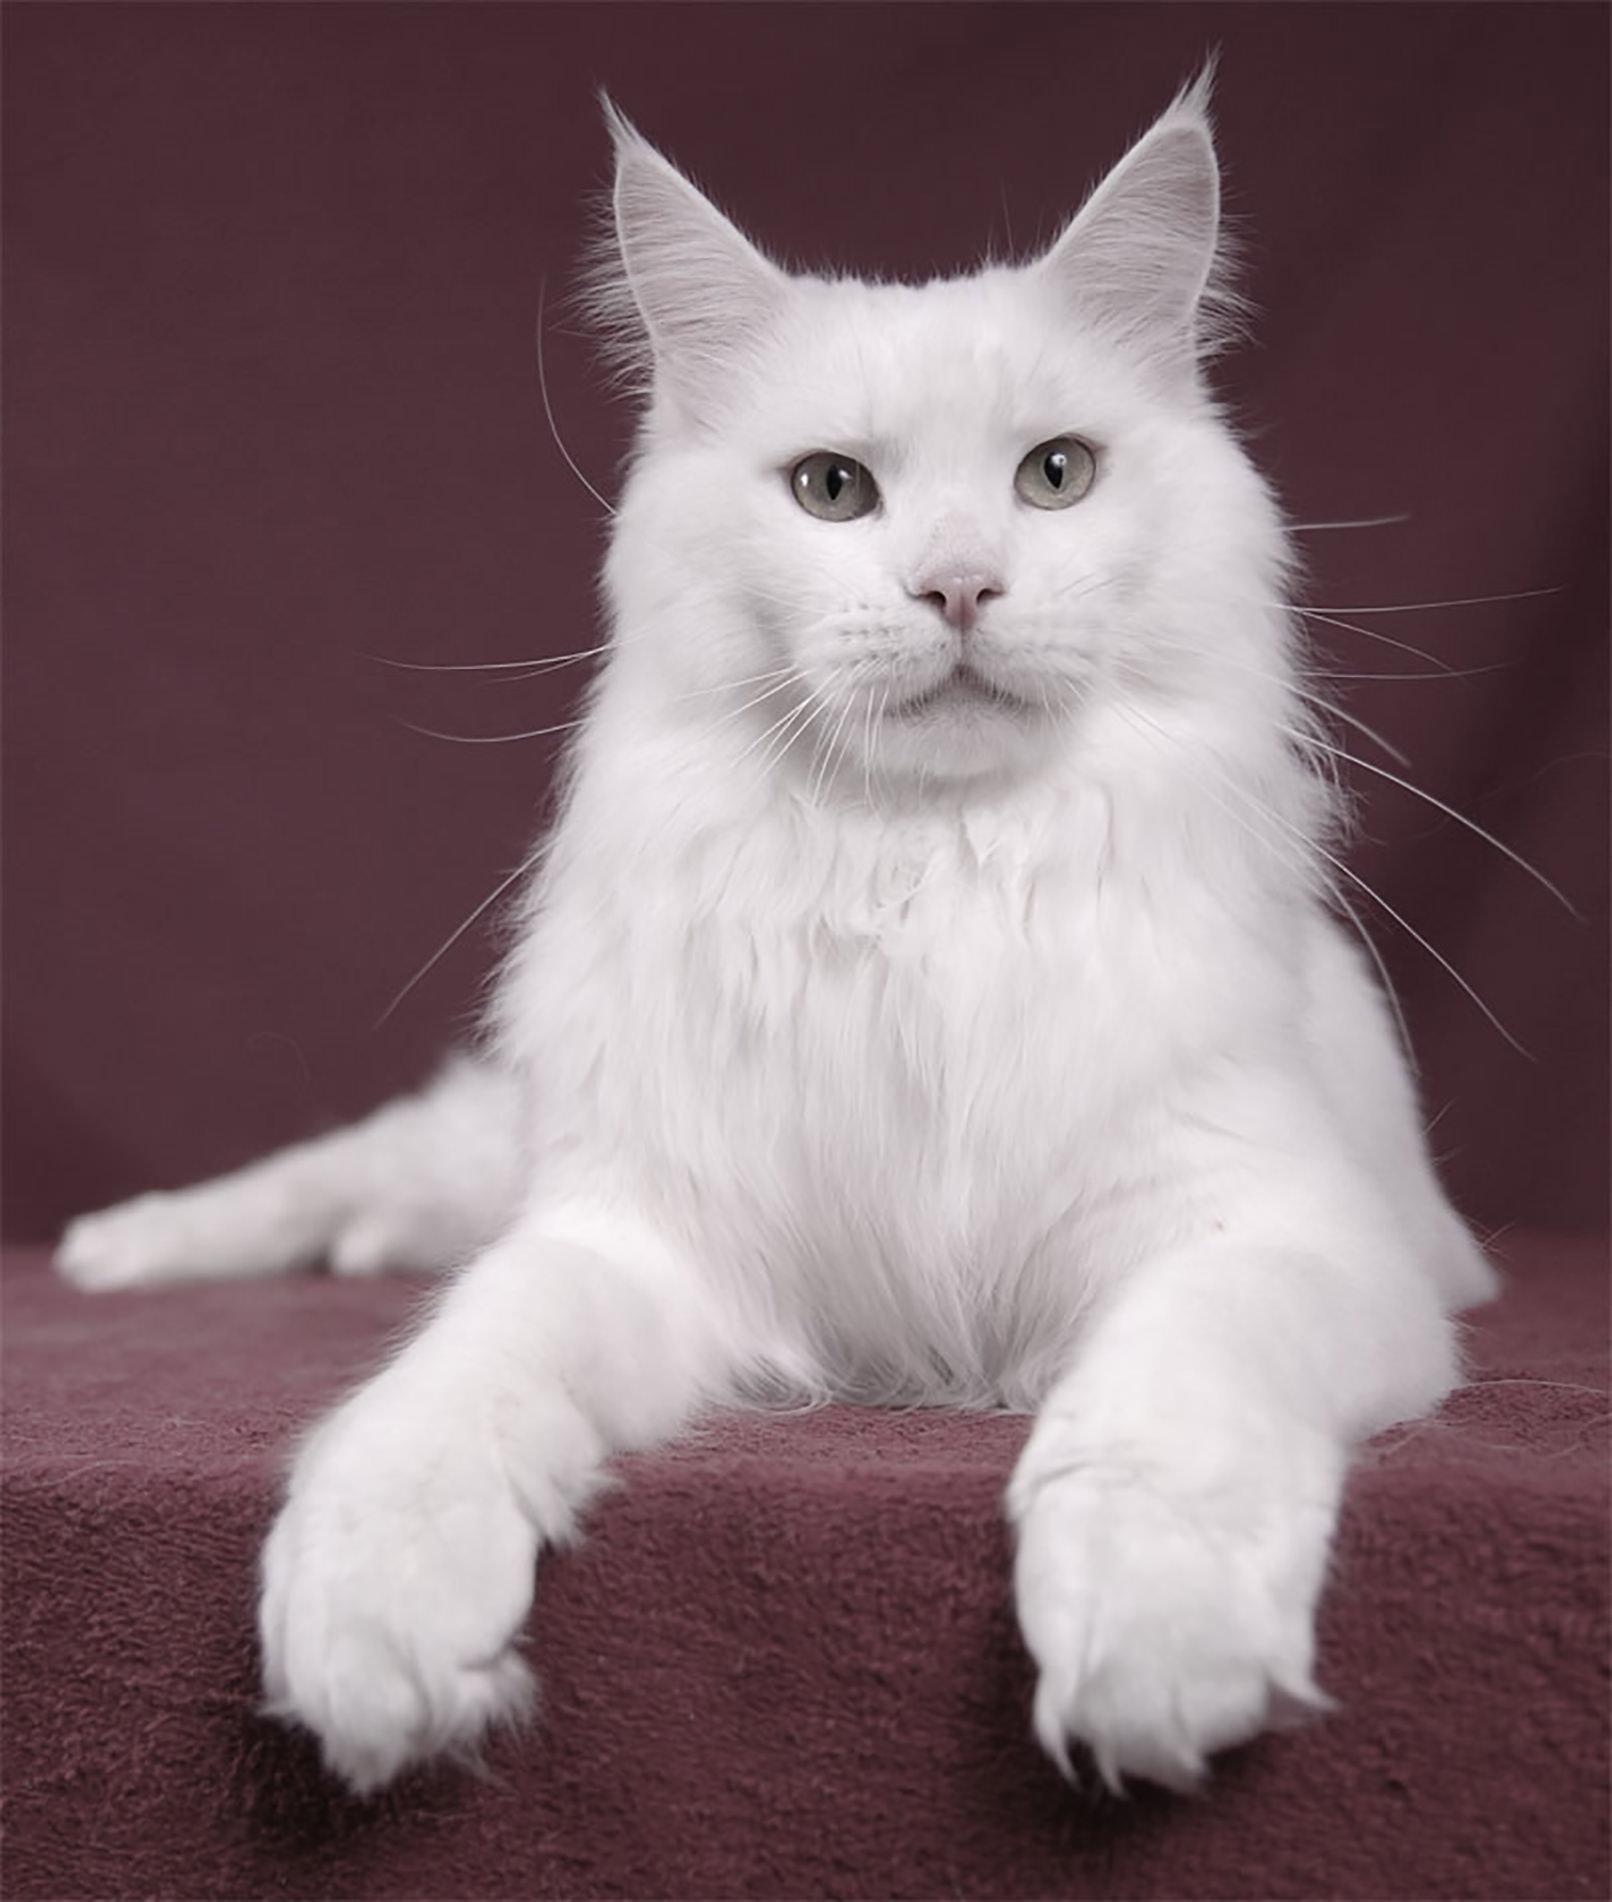 Professionelle Tierfotografie: Porträt einer Katze